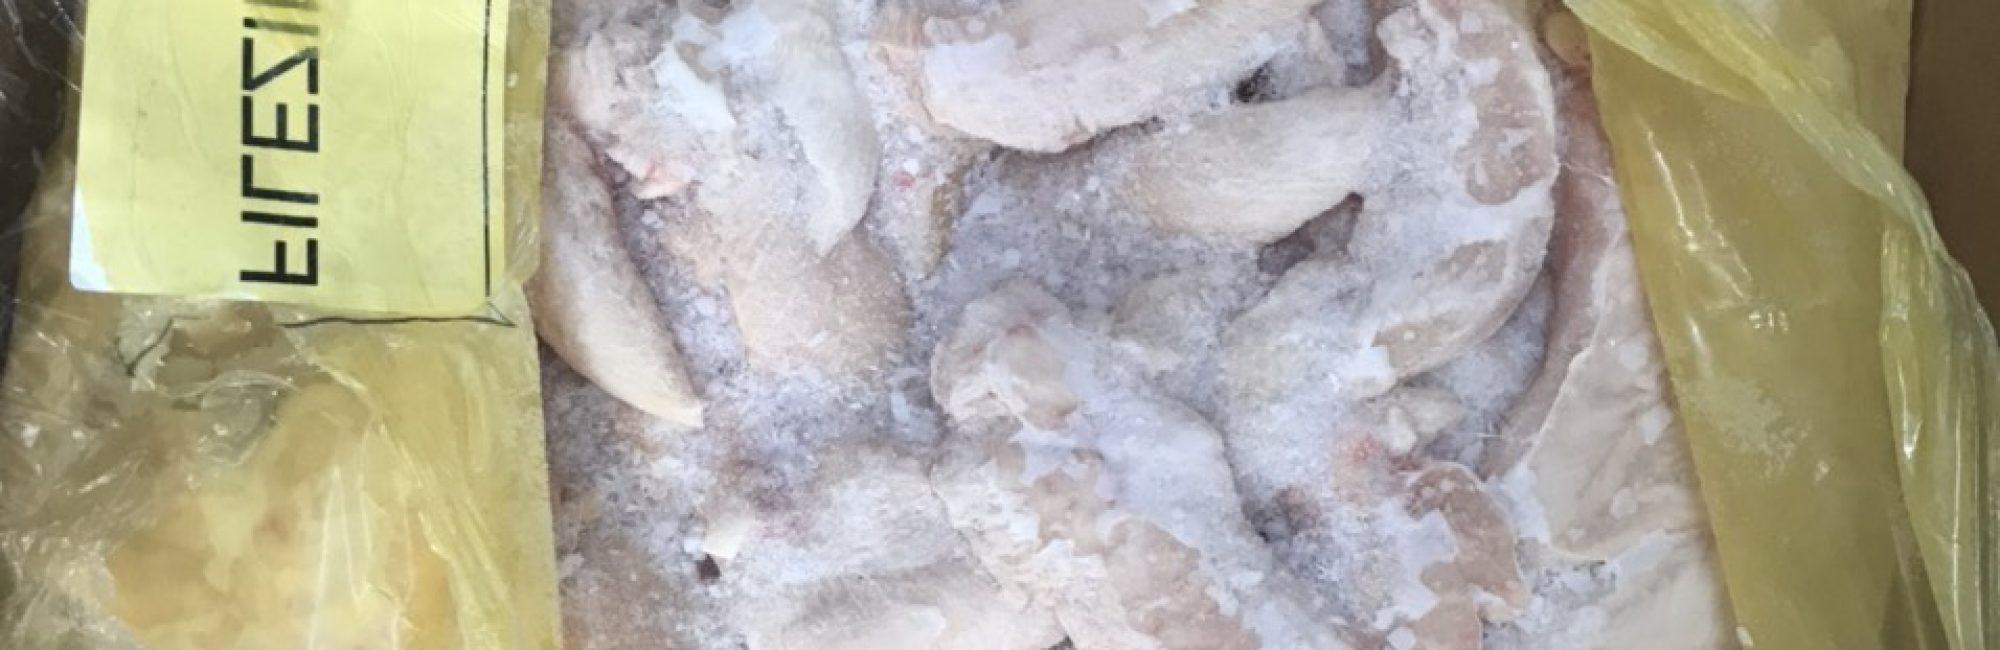 thịt gà đông lạnh nhập khẩu